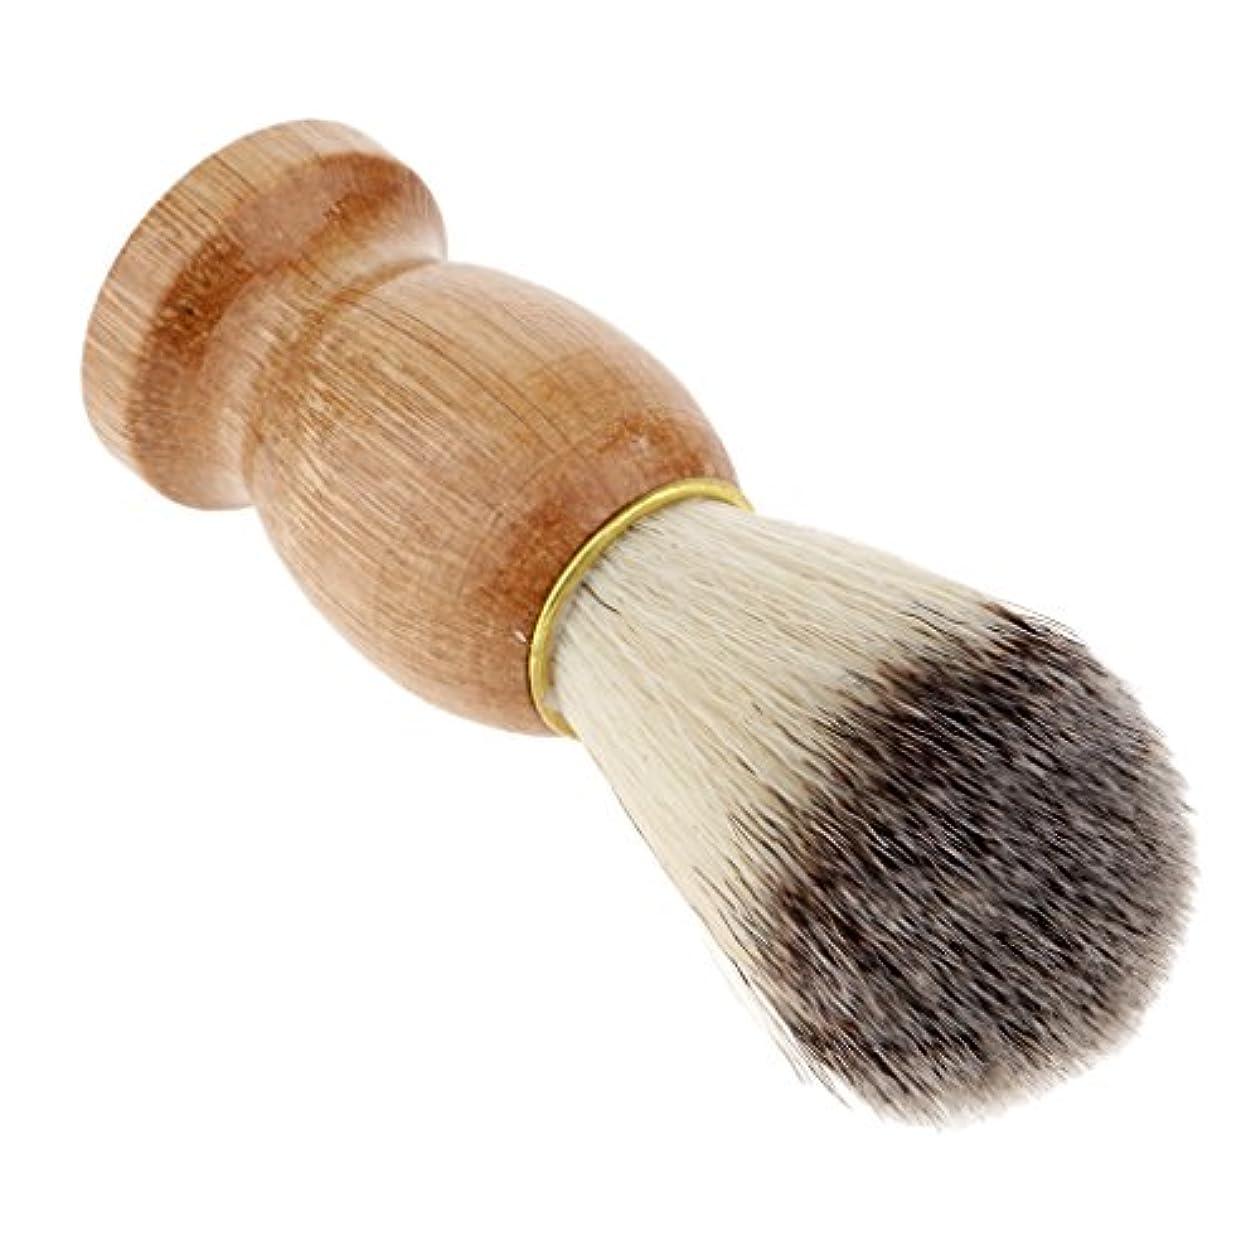 計算可能クールかご人毛ひげの切断の塵の浄化のための木製のハンドルの剛毛の剃るブラシ